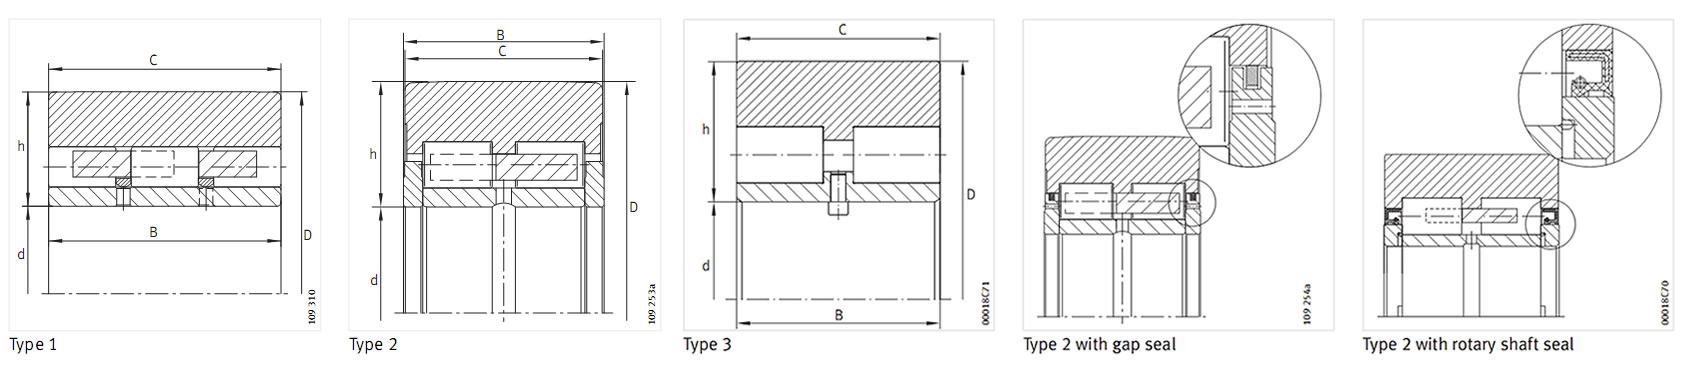 rolling mill bearings, Roll neck bearings, Tapered roller bearings, Spherical roller bearings